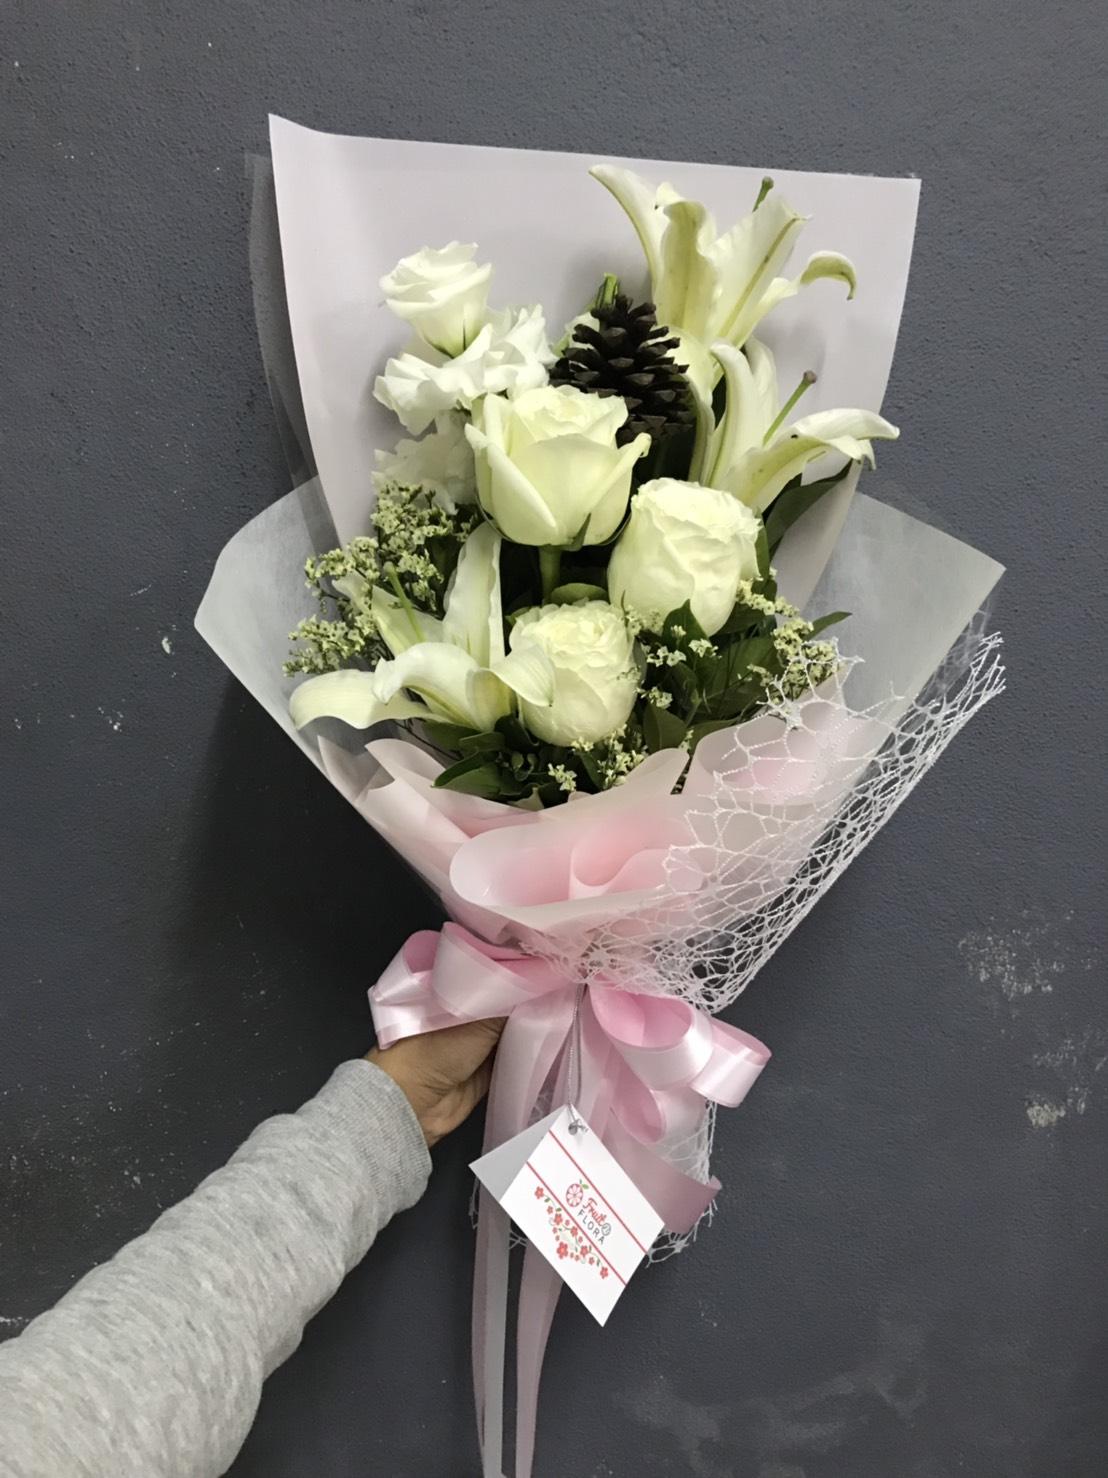 ดอกลิลลี่นำมาจัดเป็นช่อดอกไม้สีขาวล้วน ให้ความผ่อนคลายได้ดี